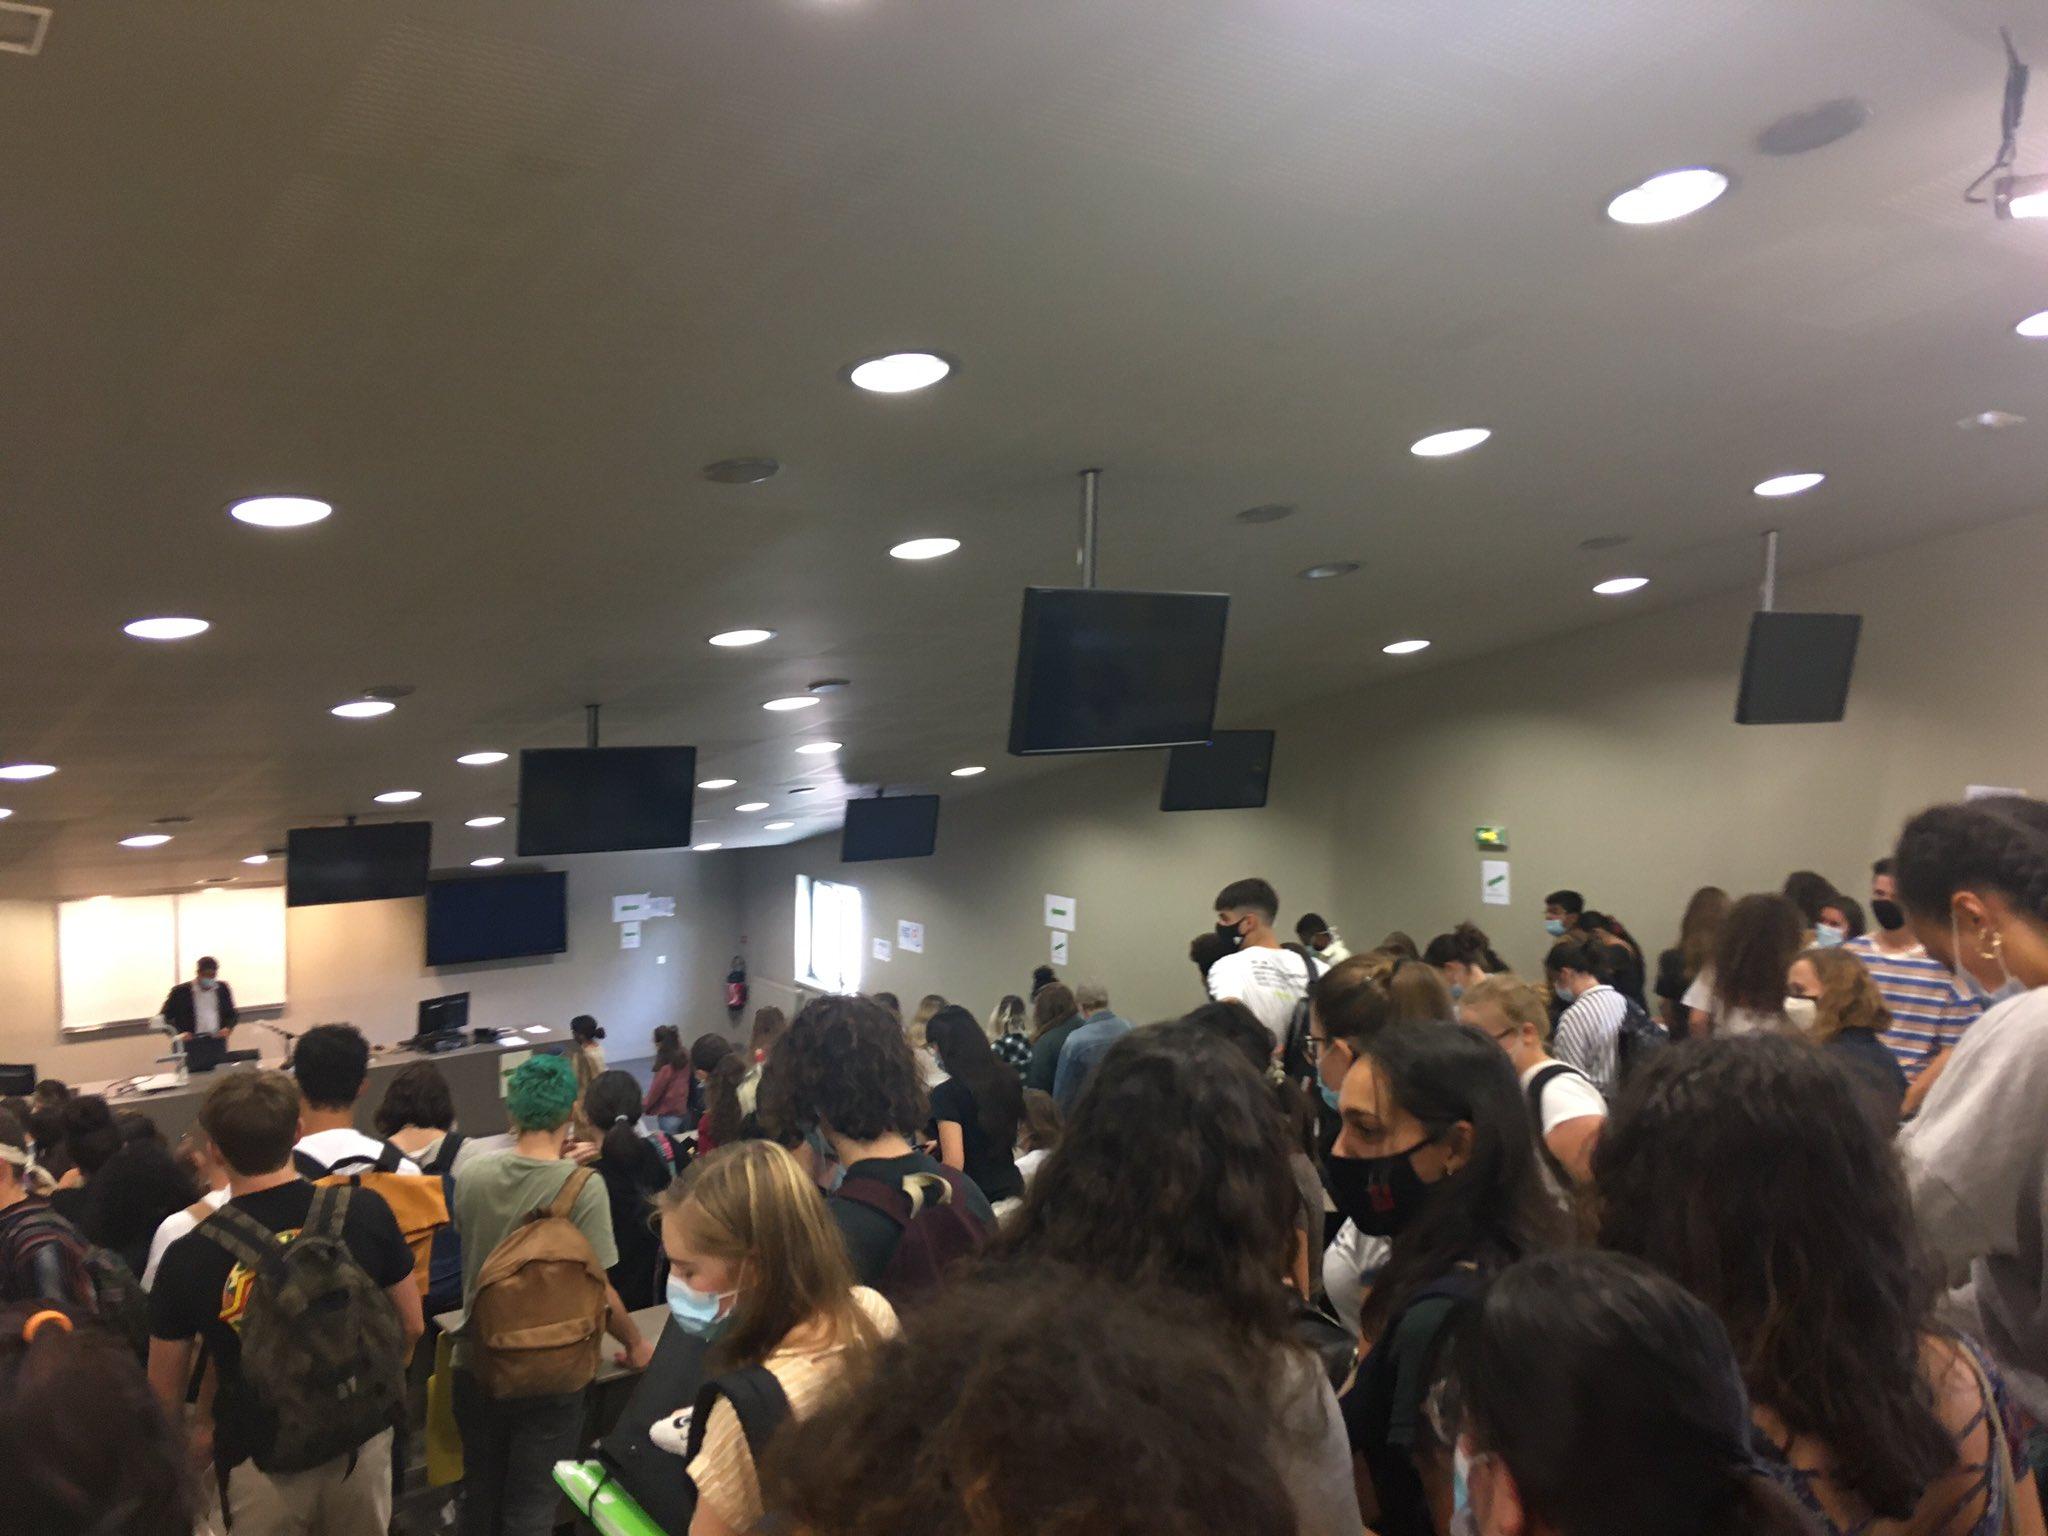 #Balancetafac : entretien sur la rentrée universitaire, en pleine crise sanitaire et sociale